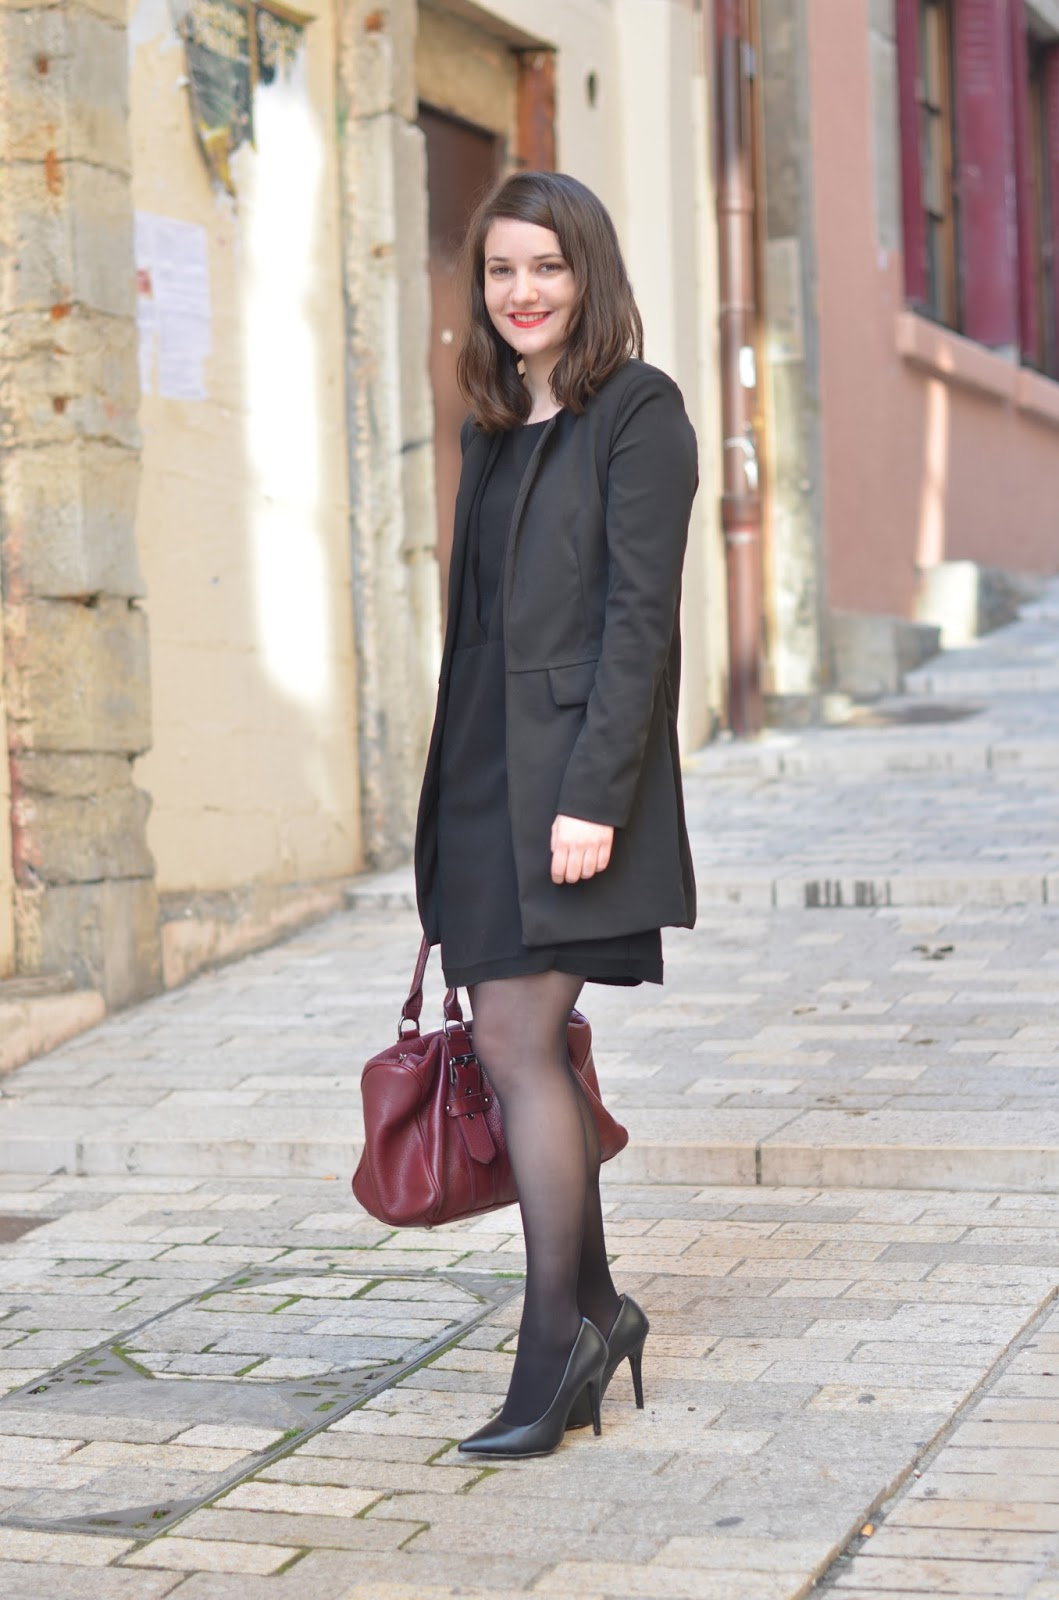 Comment s 39 habiller pour un entretien d 39 embauche jumelle ln blog mode lyon - Comment raviver un vetement noir ...